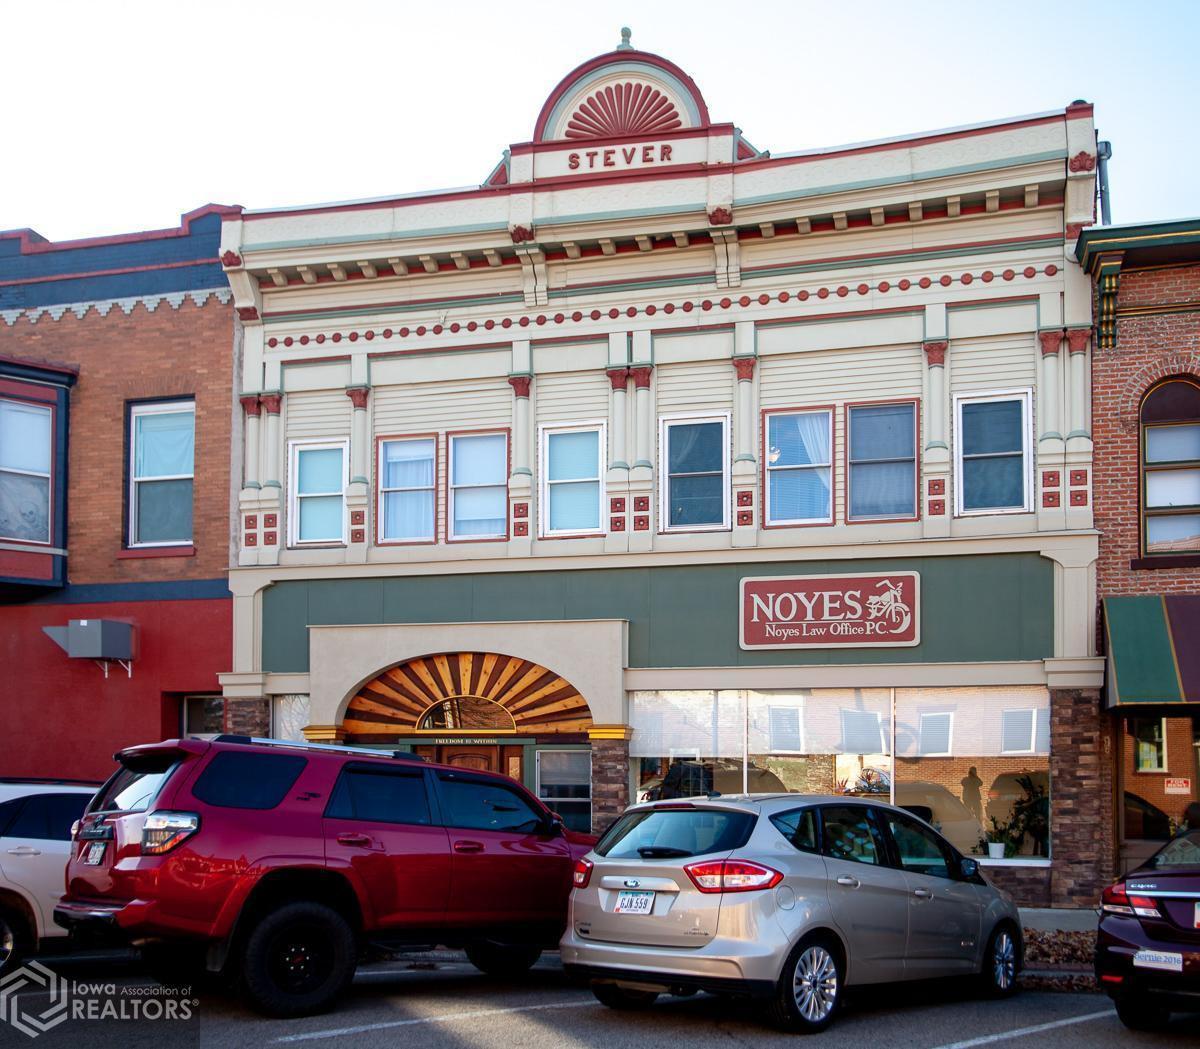 104 N Main Street, Fairfield, IA 52556